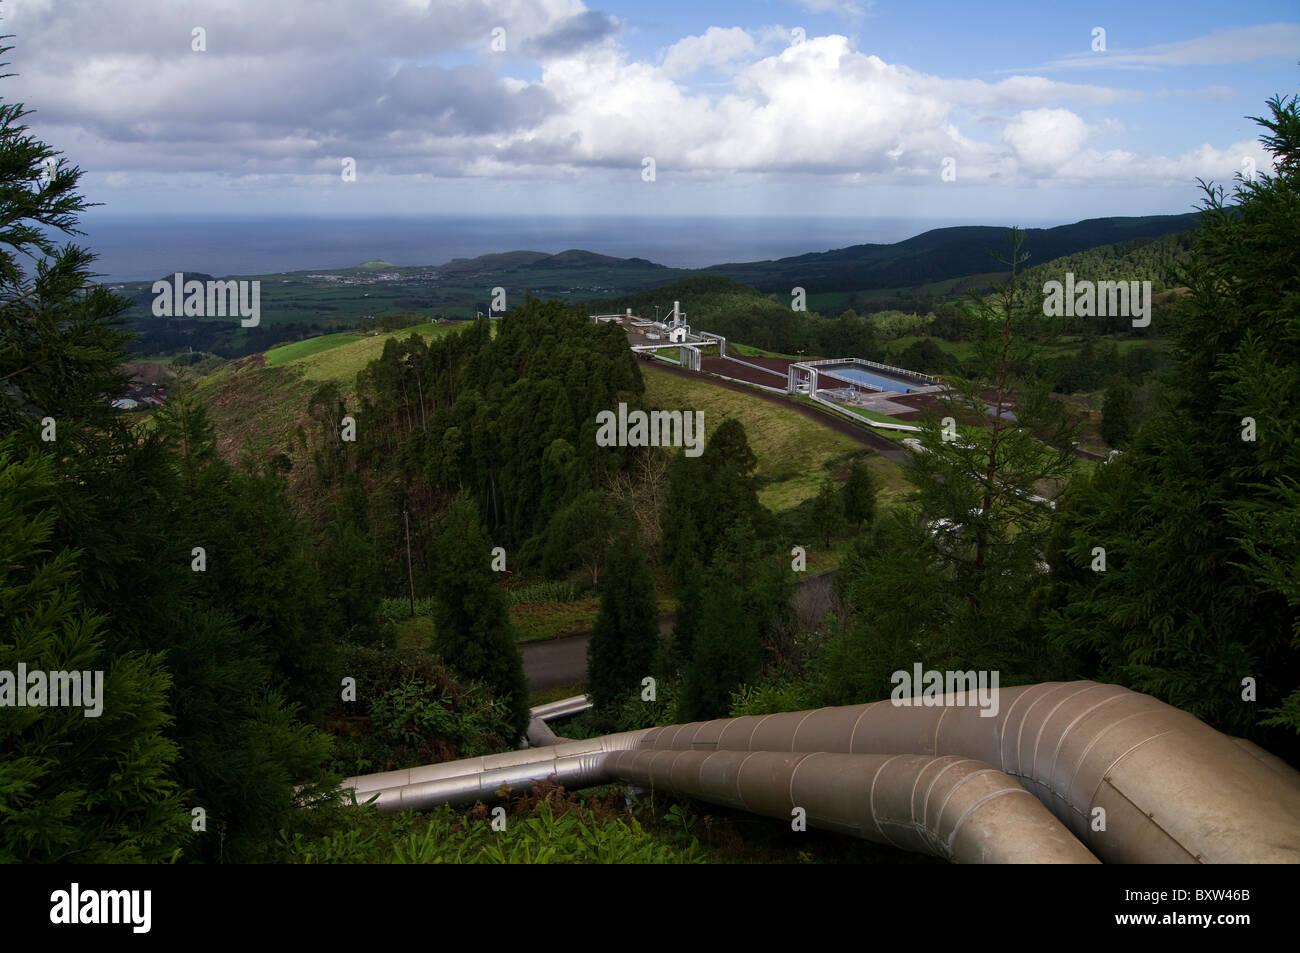 Impianto di energia geotermica l'installazione nelle Azzorre utilizzato per generare energia / Elettricità Immagini Stock